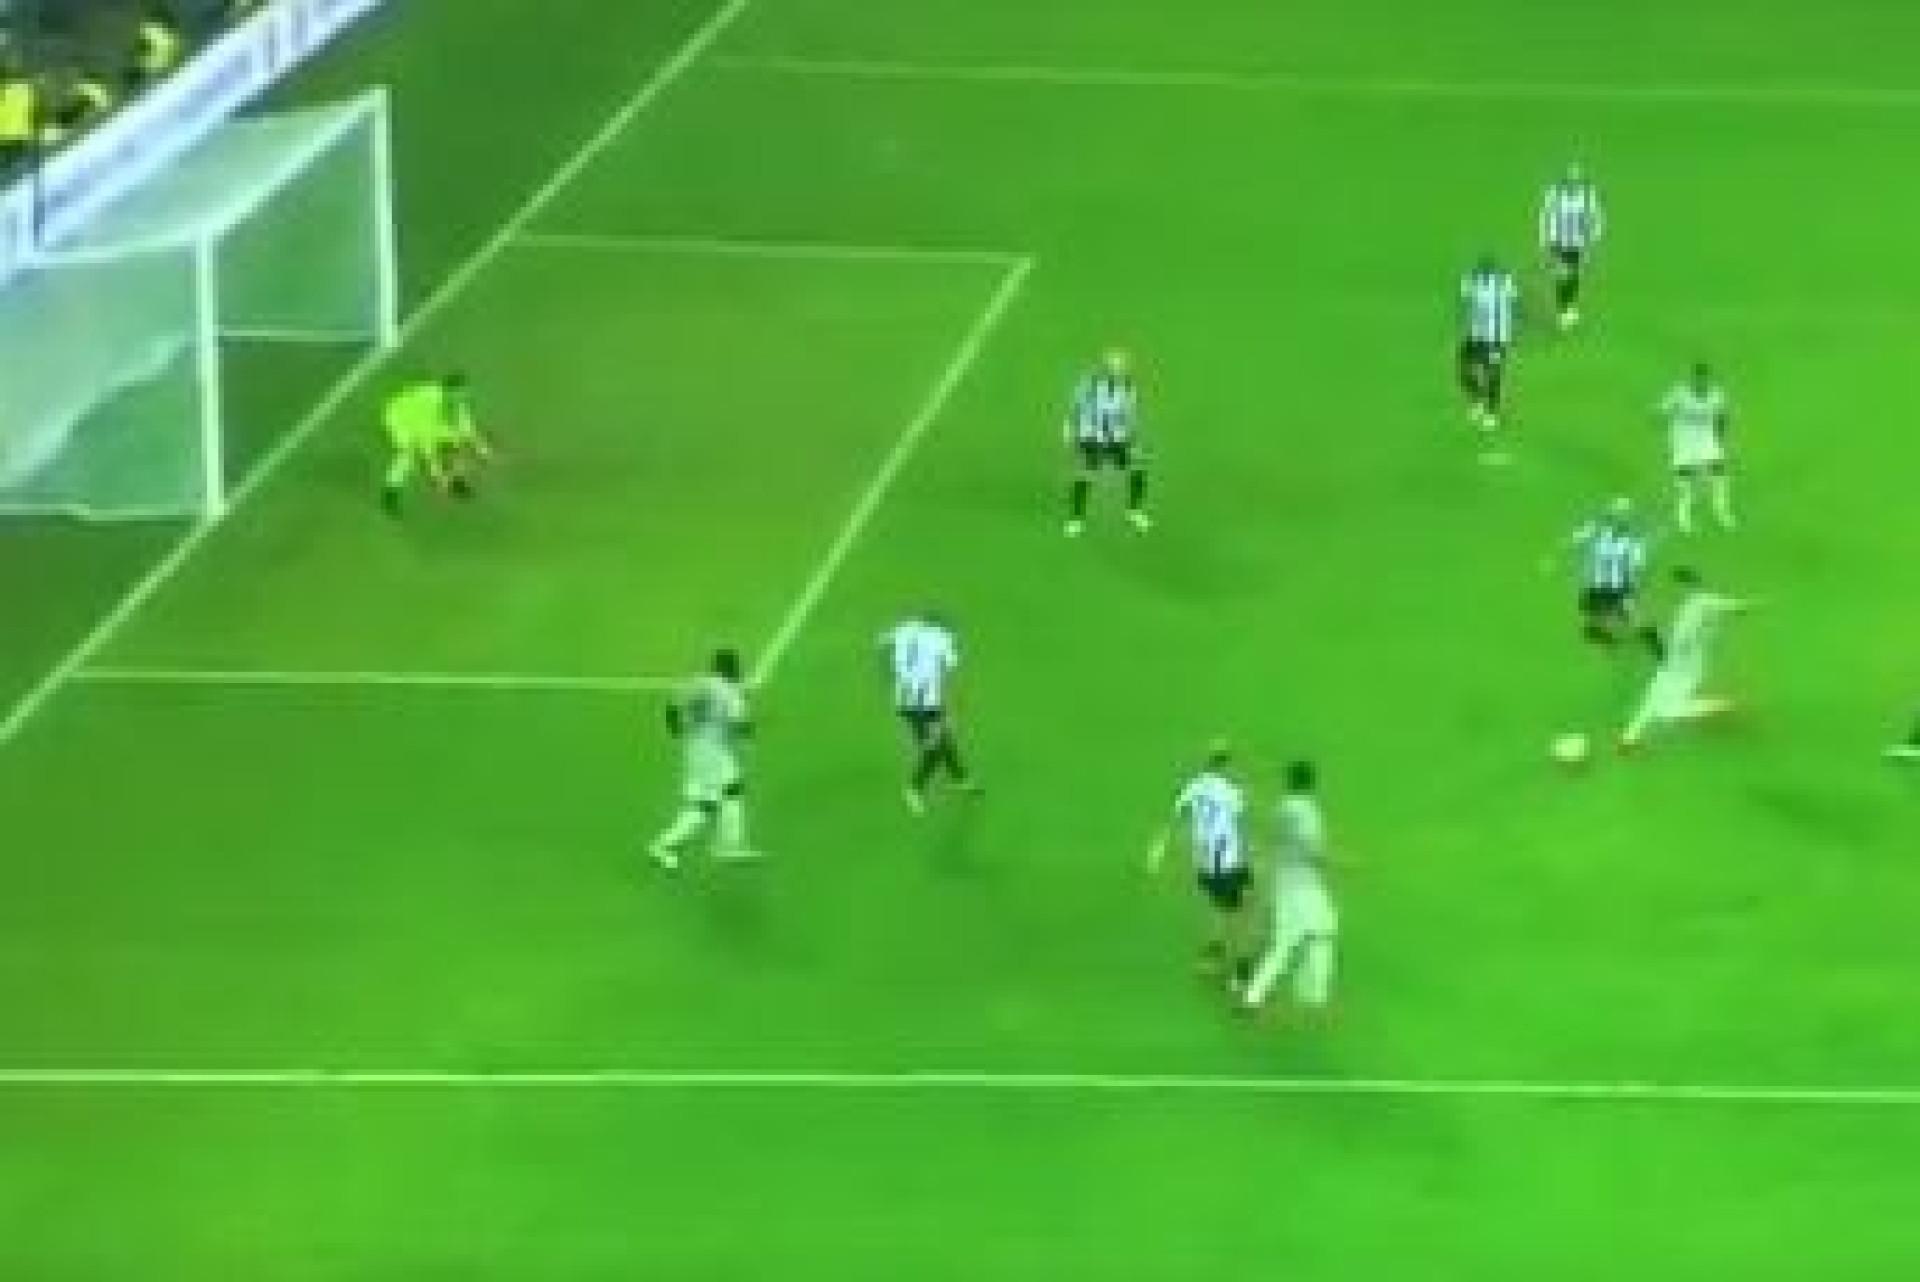 Depois de Bentancur ter 'roubado' o primeiro, Ronaldo assina o segundo